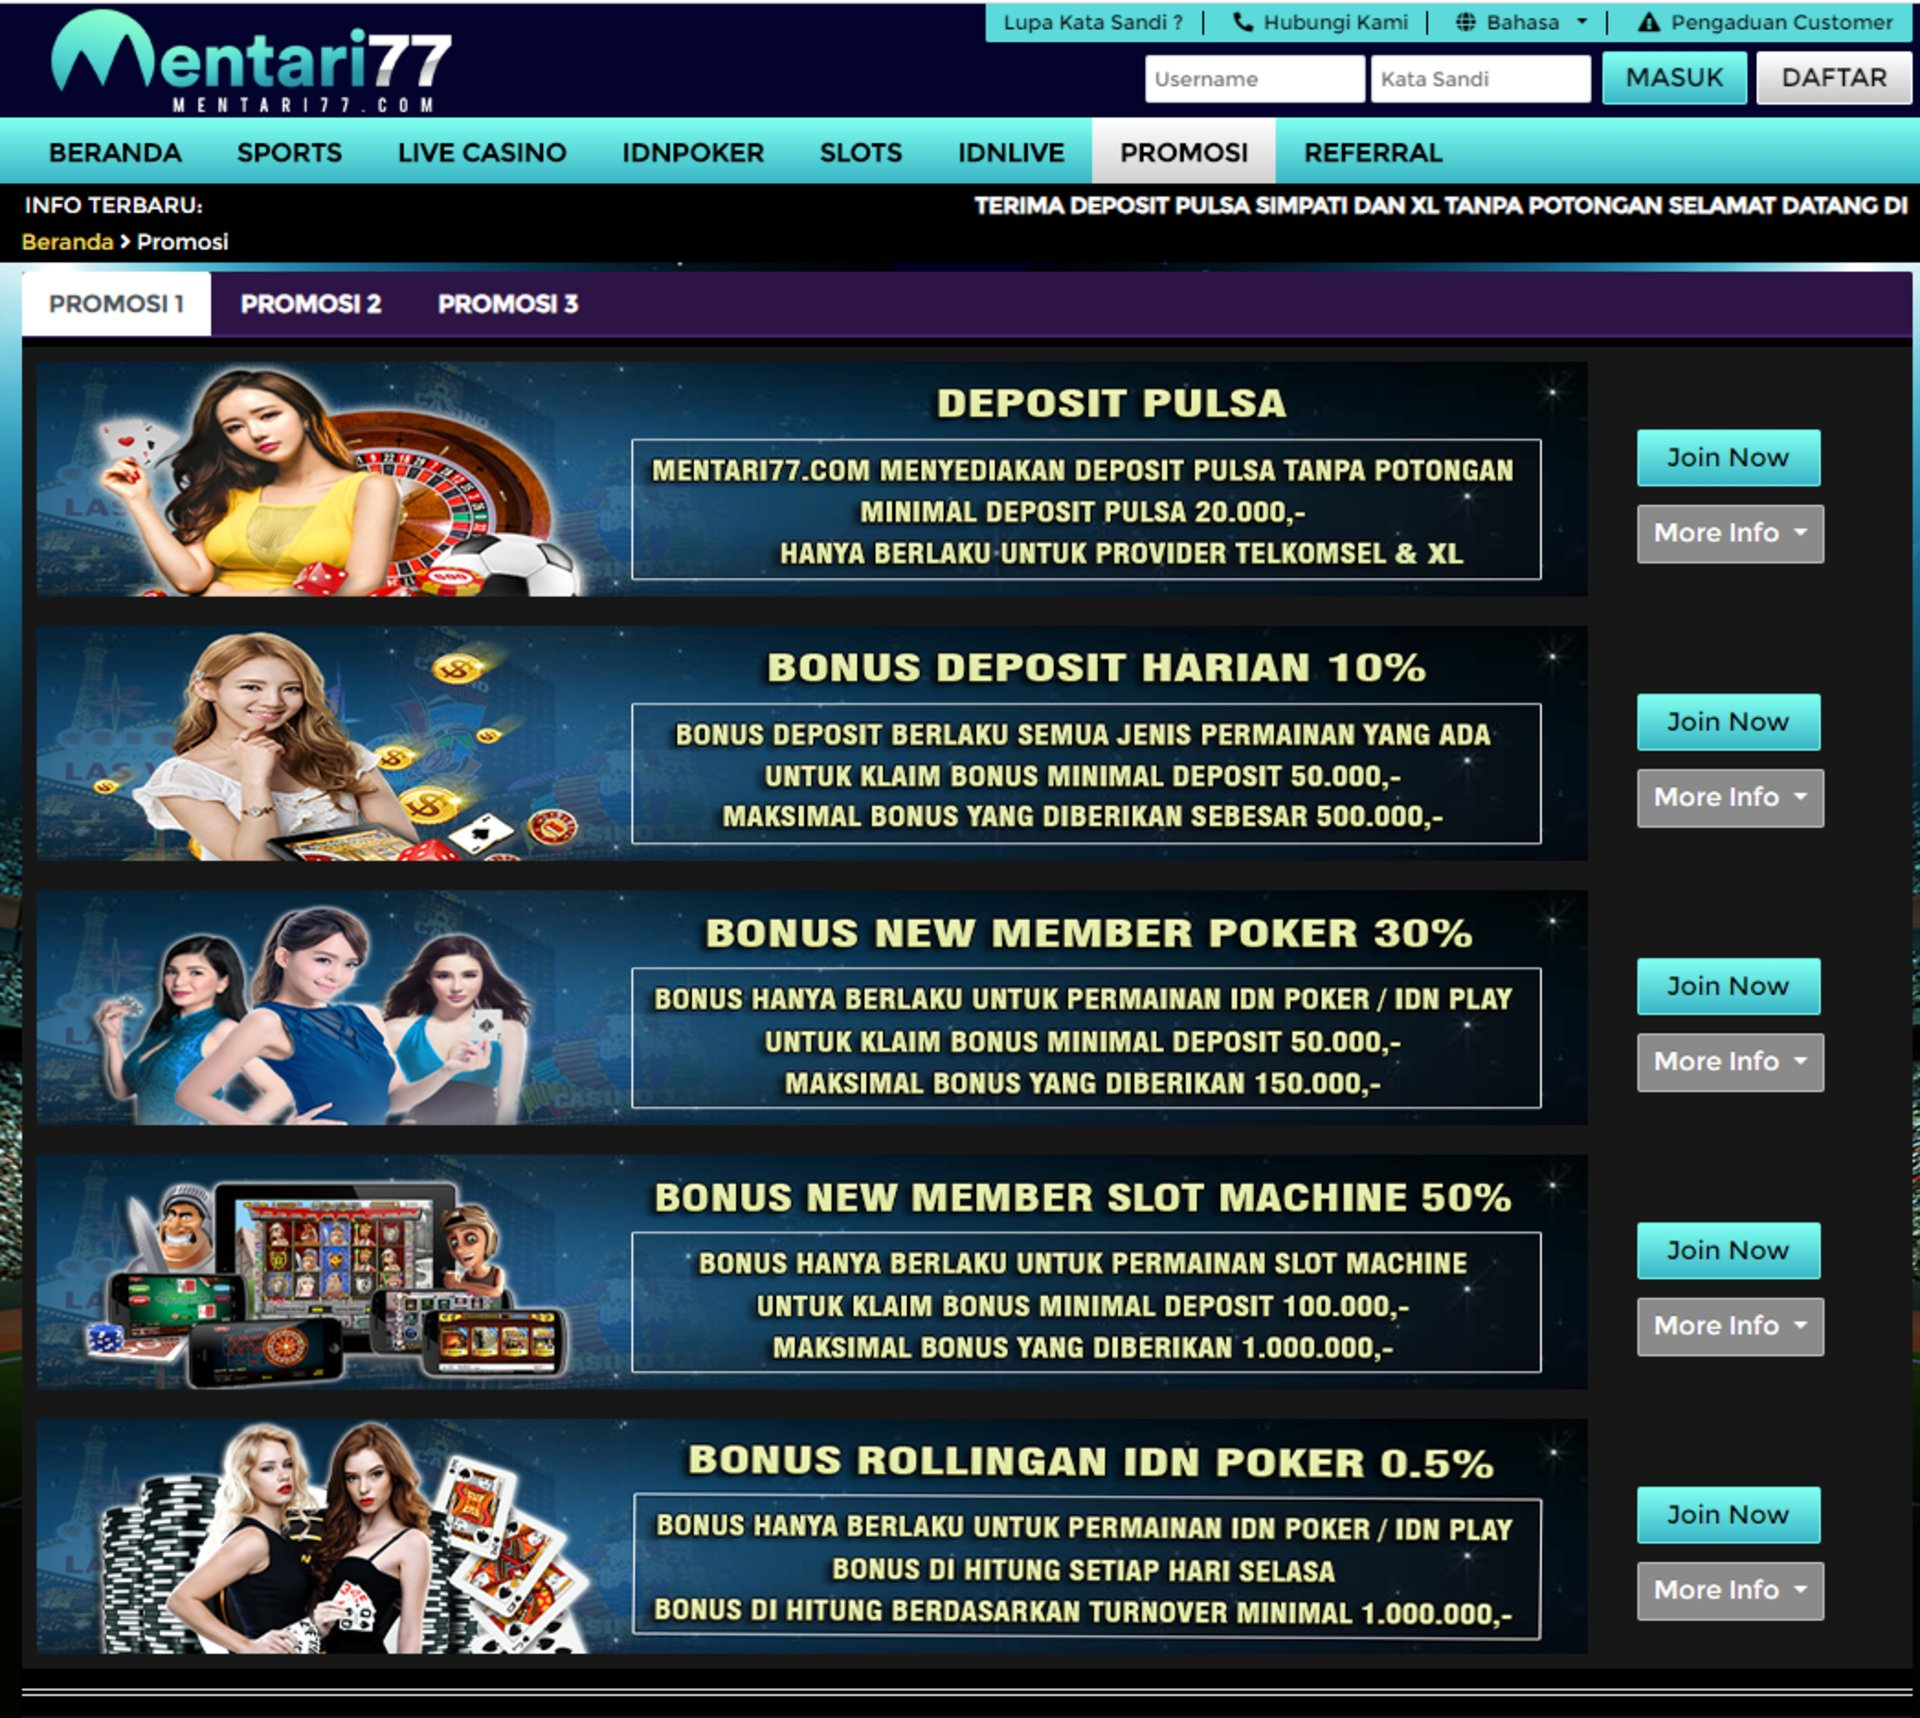 Situs Judi Penuh Promo Mentari77